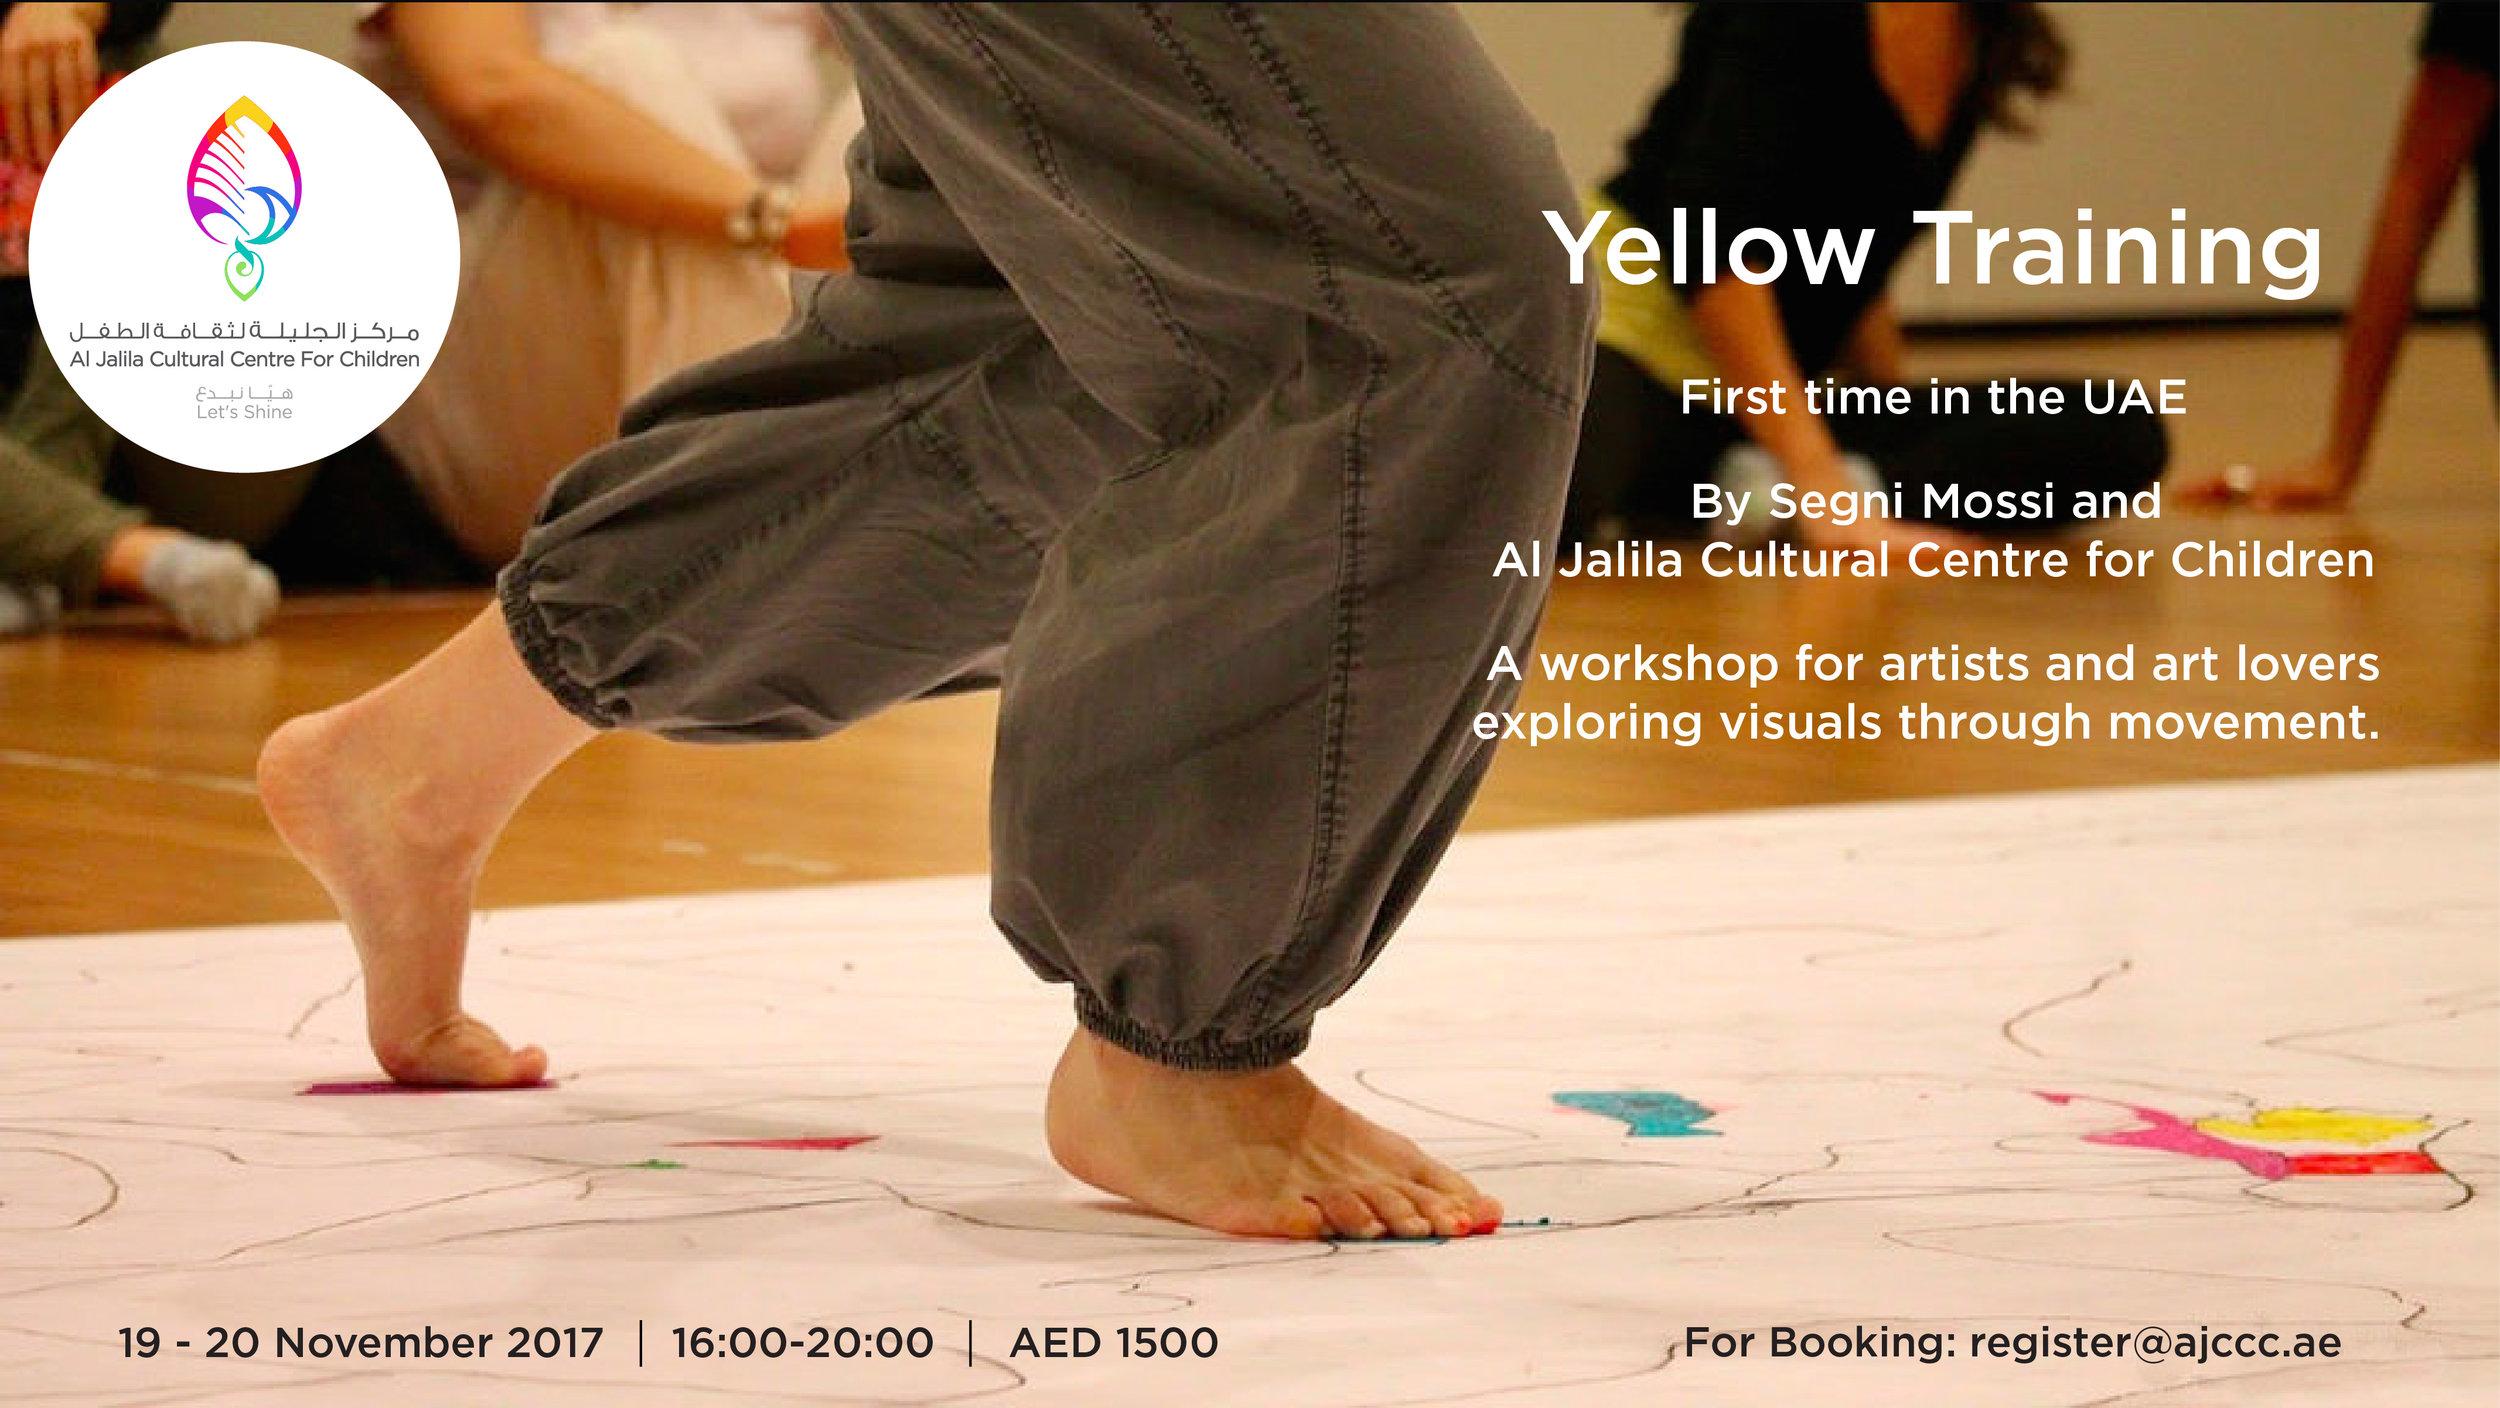 yellow_training_1-01.jpg